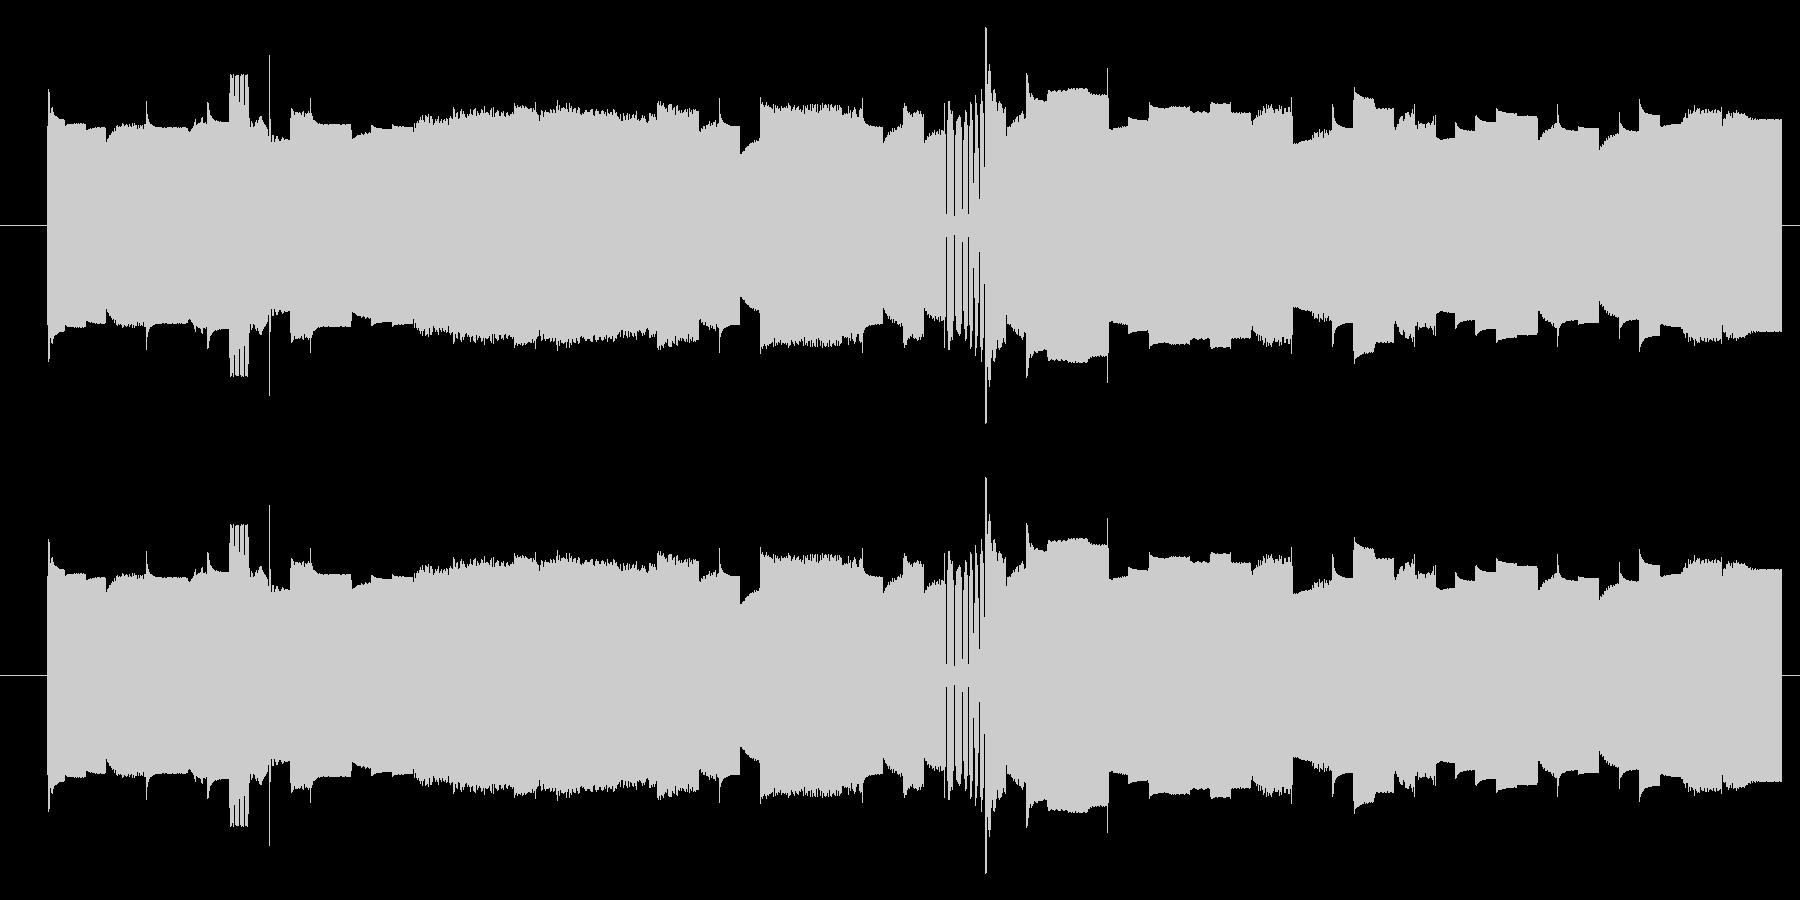 機械 カオスサインディストーション03の未再生の波形